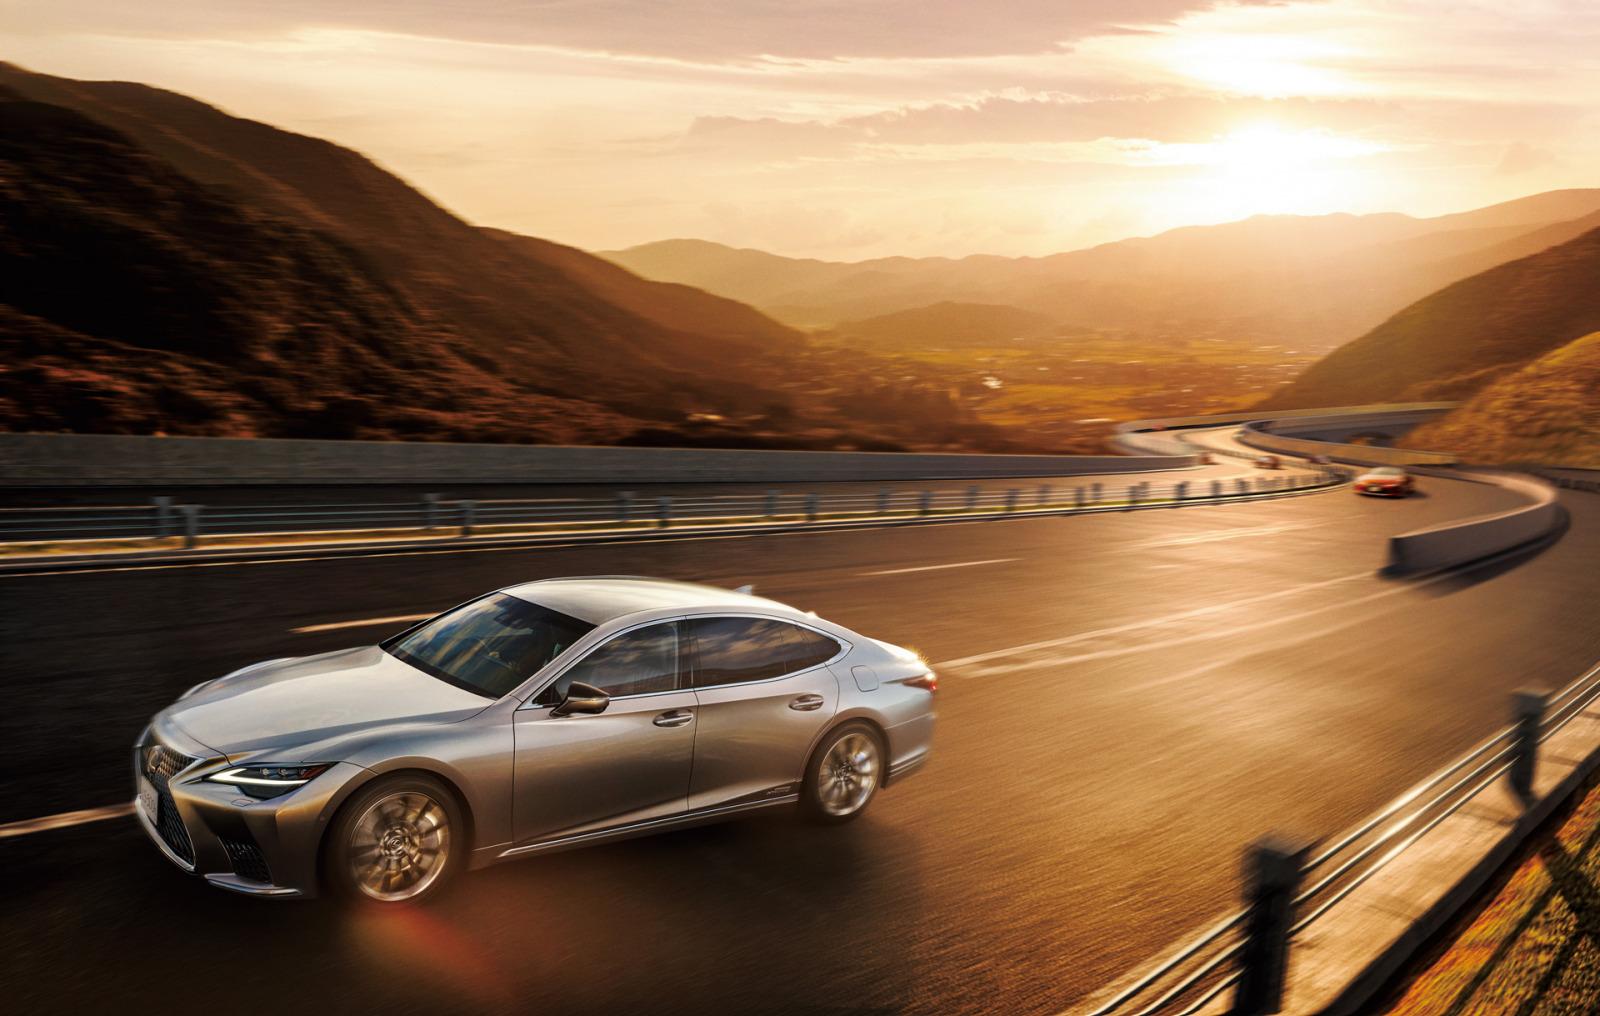 「レクサスLSがビッグマイナーチェンジ。乗り心地や静粛性の向上など、快適性をさらにアップ【新車】」の1枚目の画像